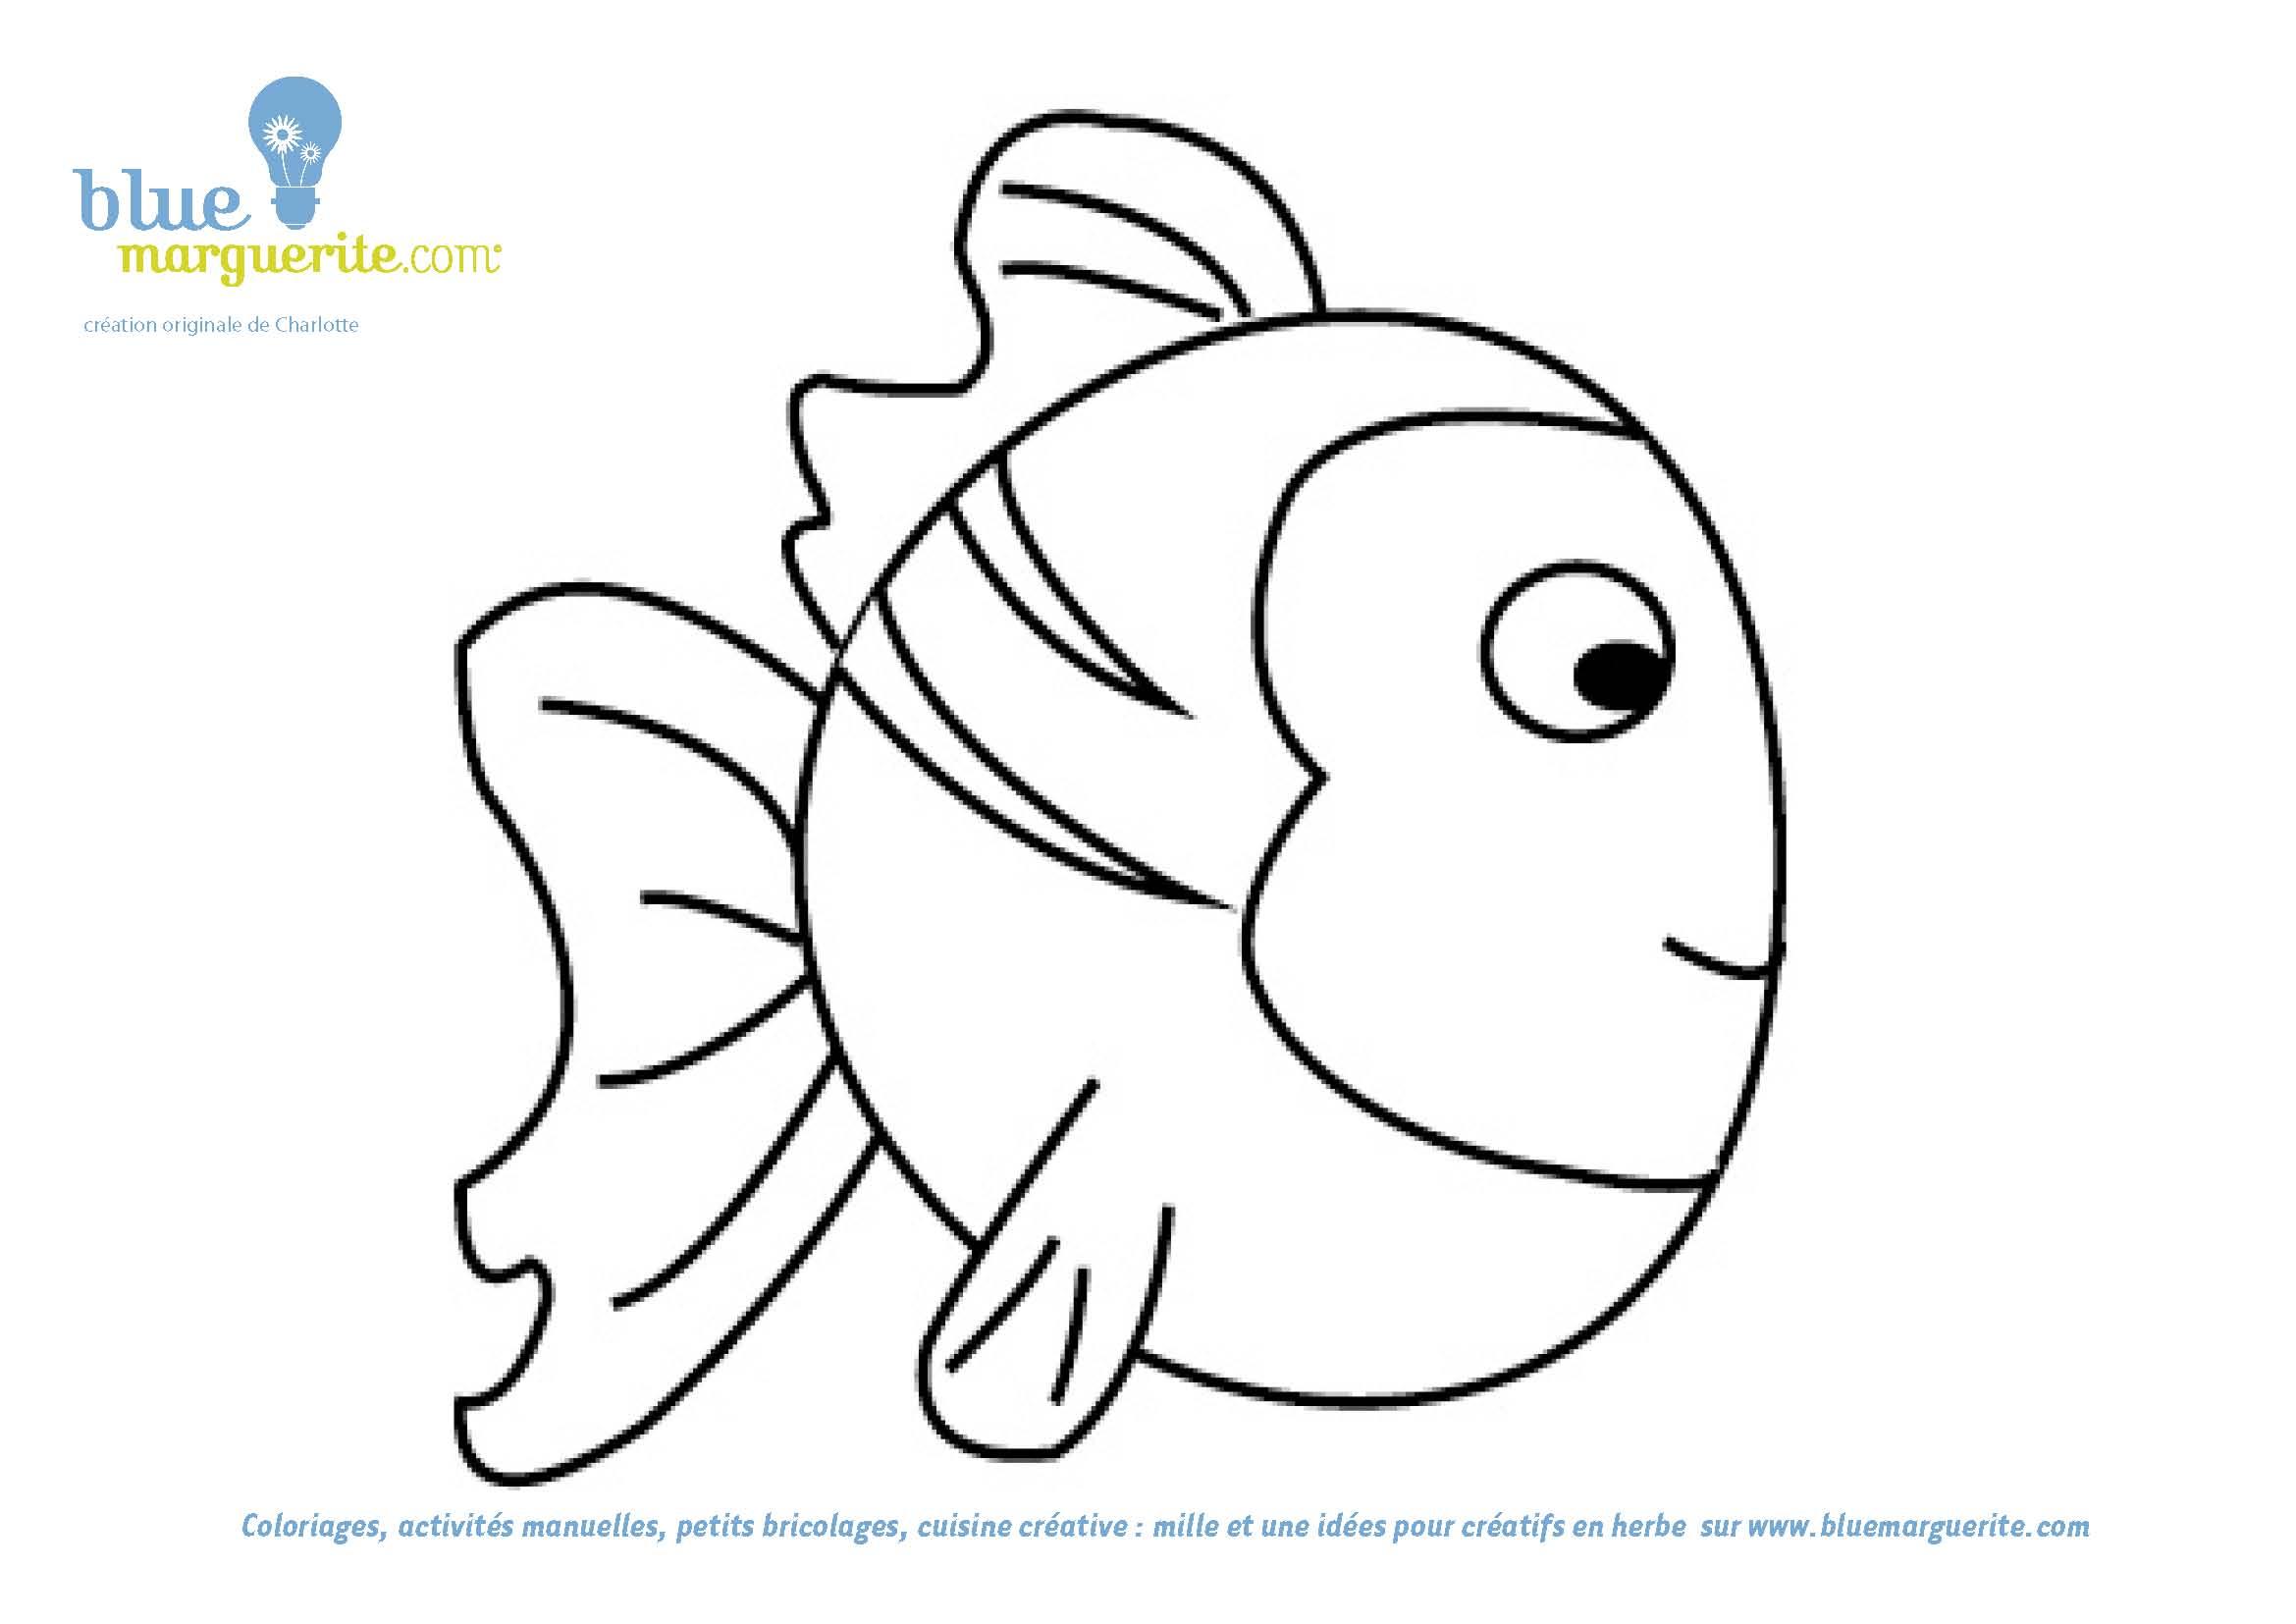 Imagenes Con O Para Colorear: 106 Dibujos De Pescado Para Colorear